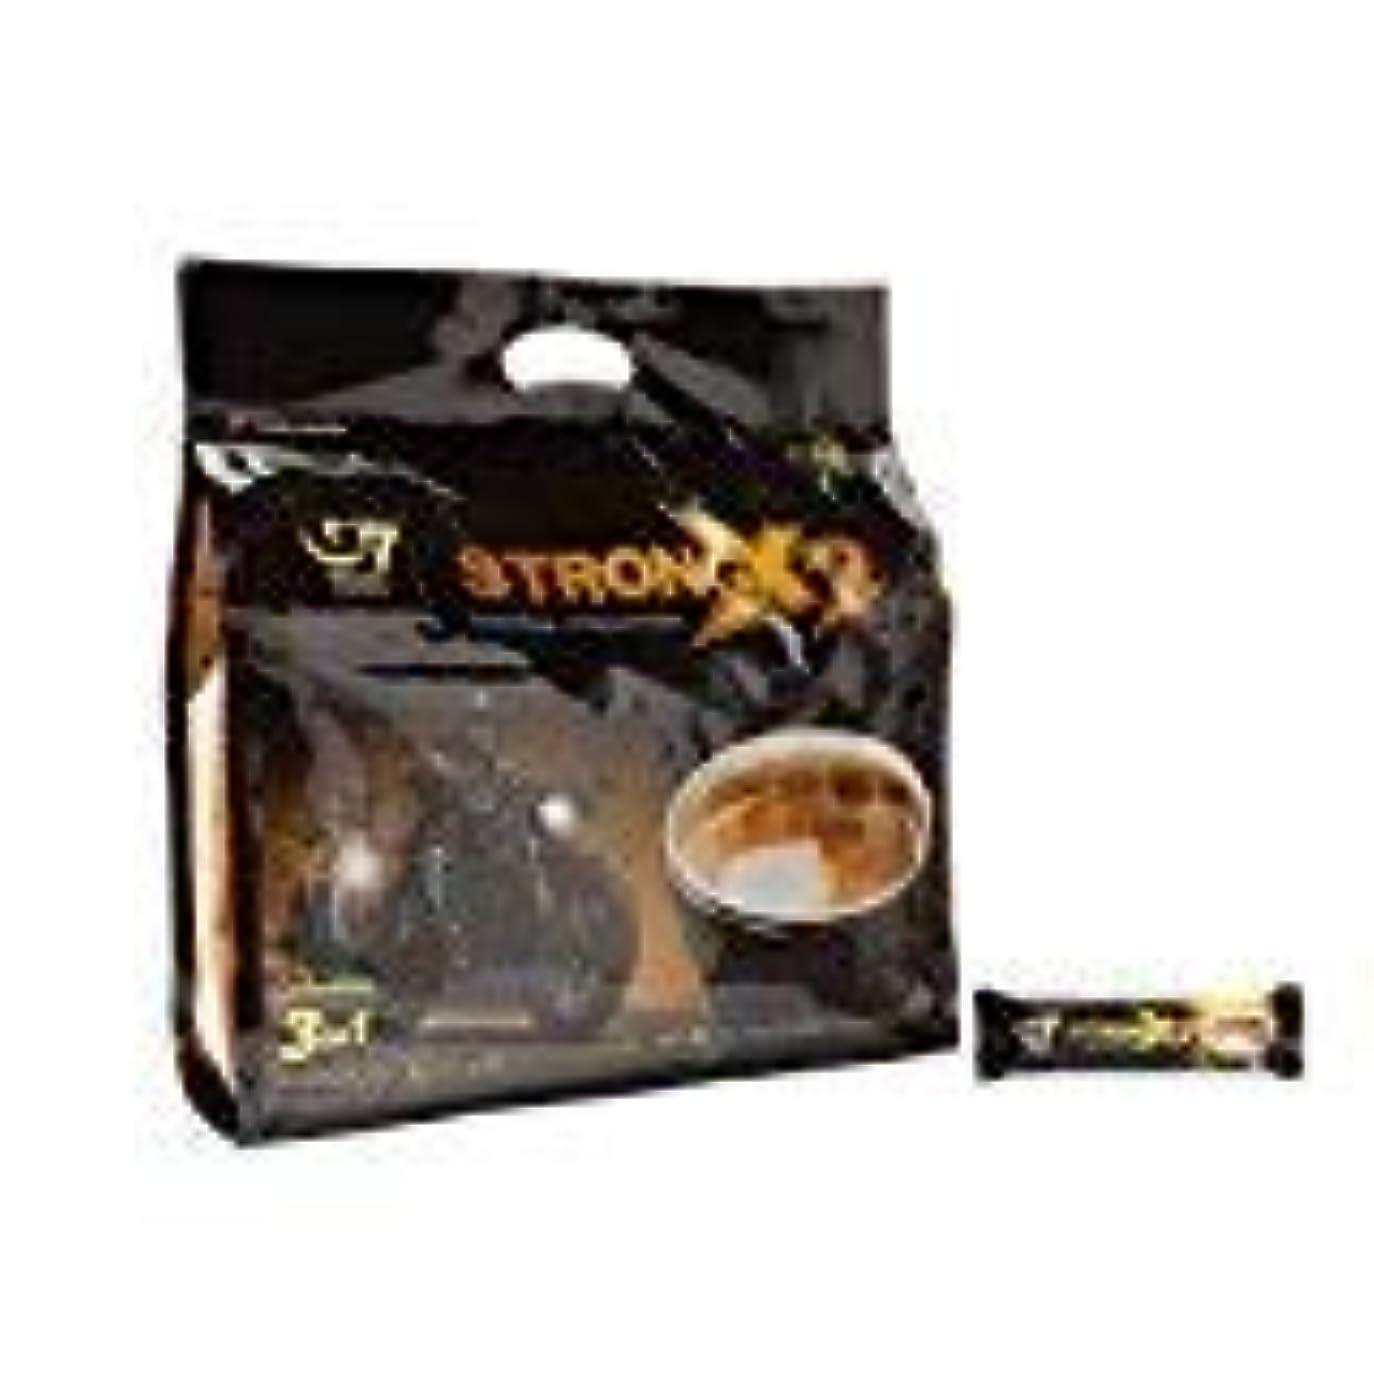 ハンディキャップ郵便局徴収Trung Nguyen G7 Coffee Gu Manh X2 Extra Strength 3 in 1 Coffee 36 sticks x 25 grams [並行輸入品]